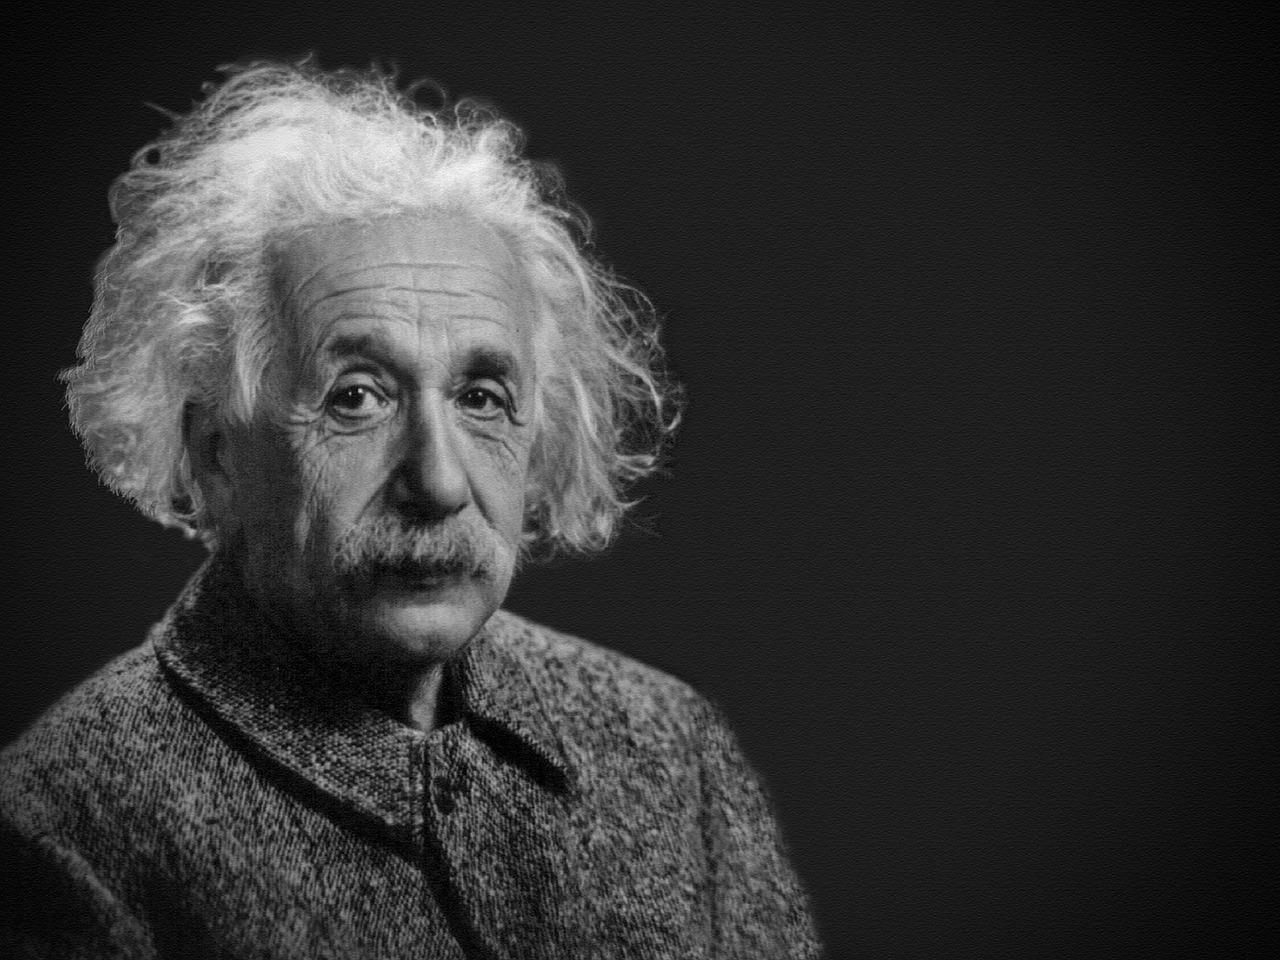 Albert Einstein Portrait - Free photo on Pixabay